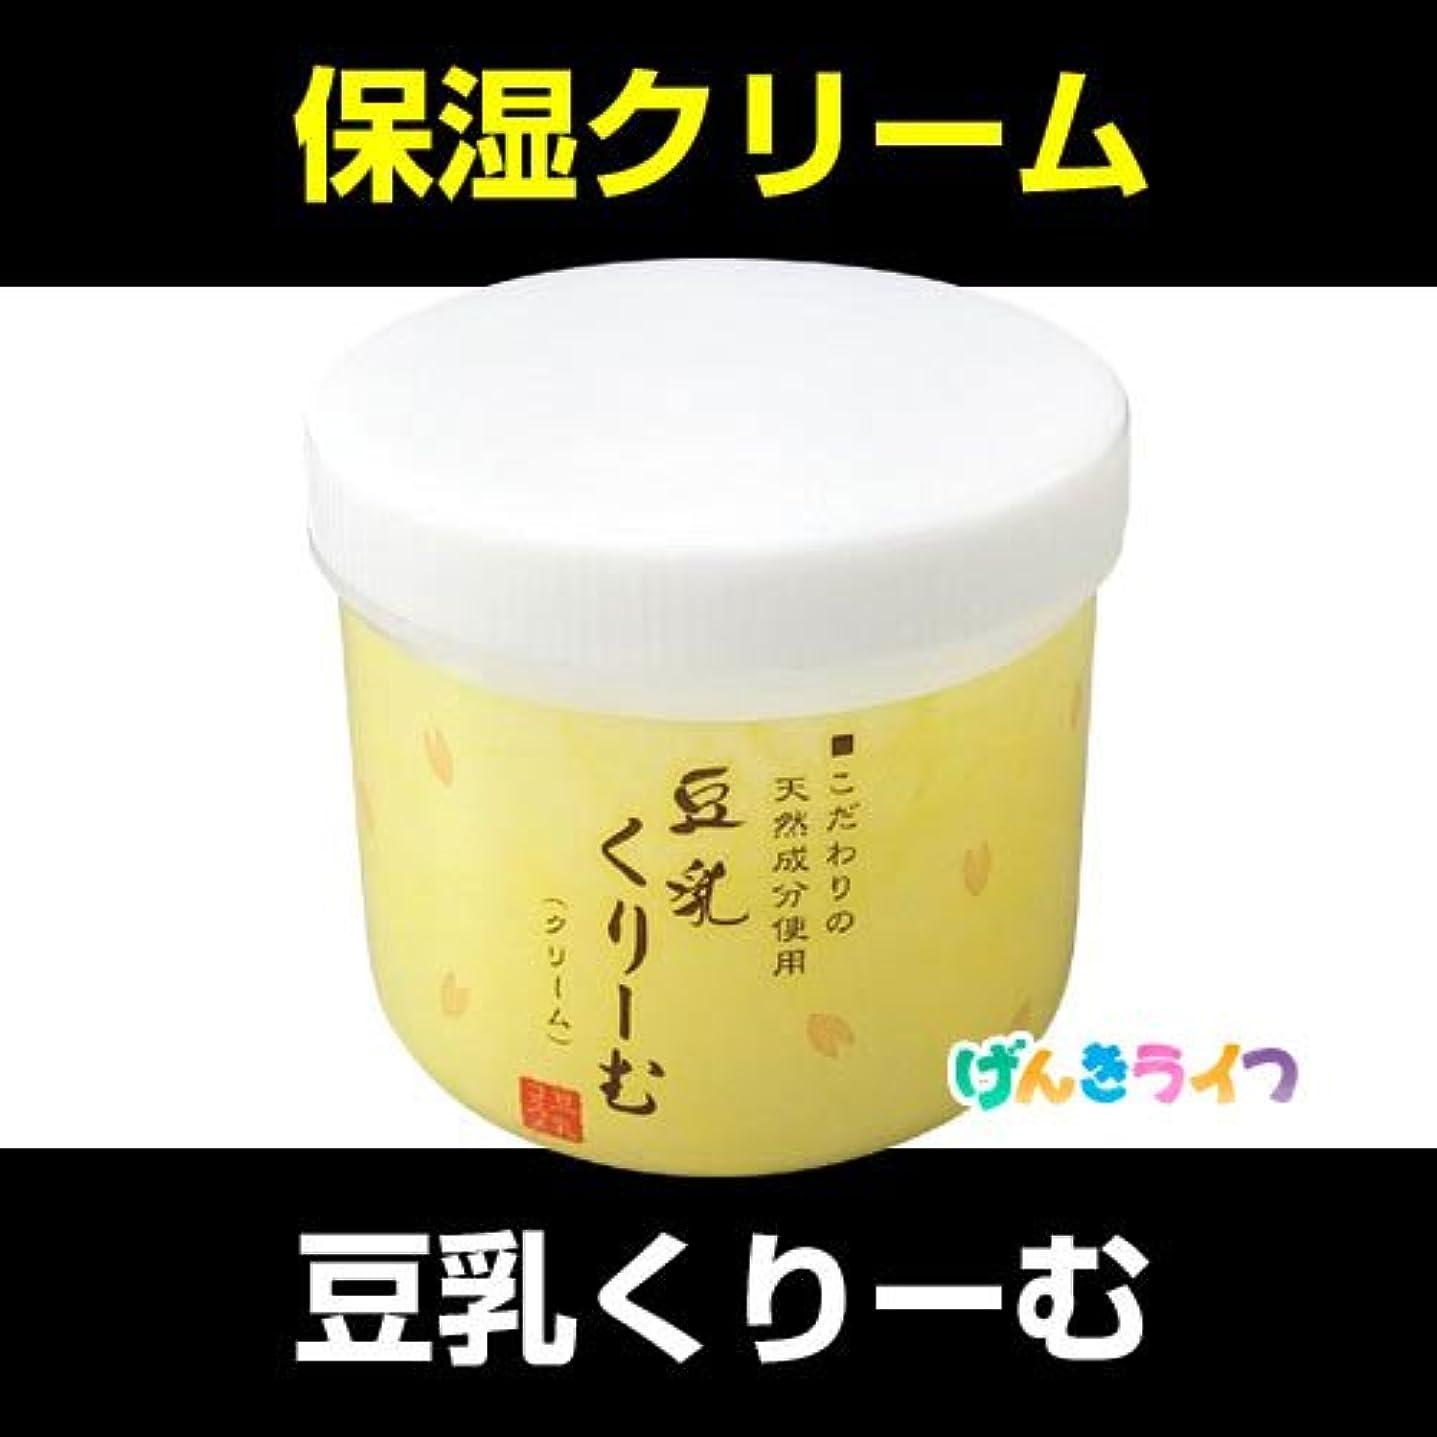 協会カード天窓吉野ふじや謹製 とうにゅうくりーむ(豆乳クリーム)【3個】